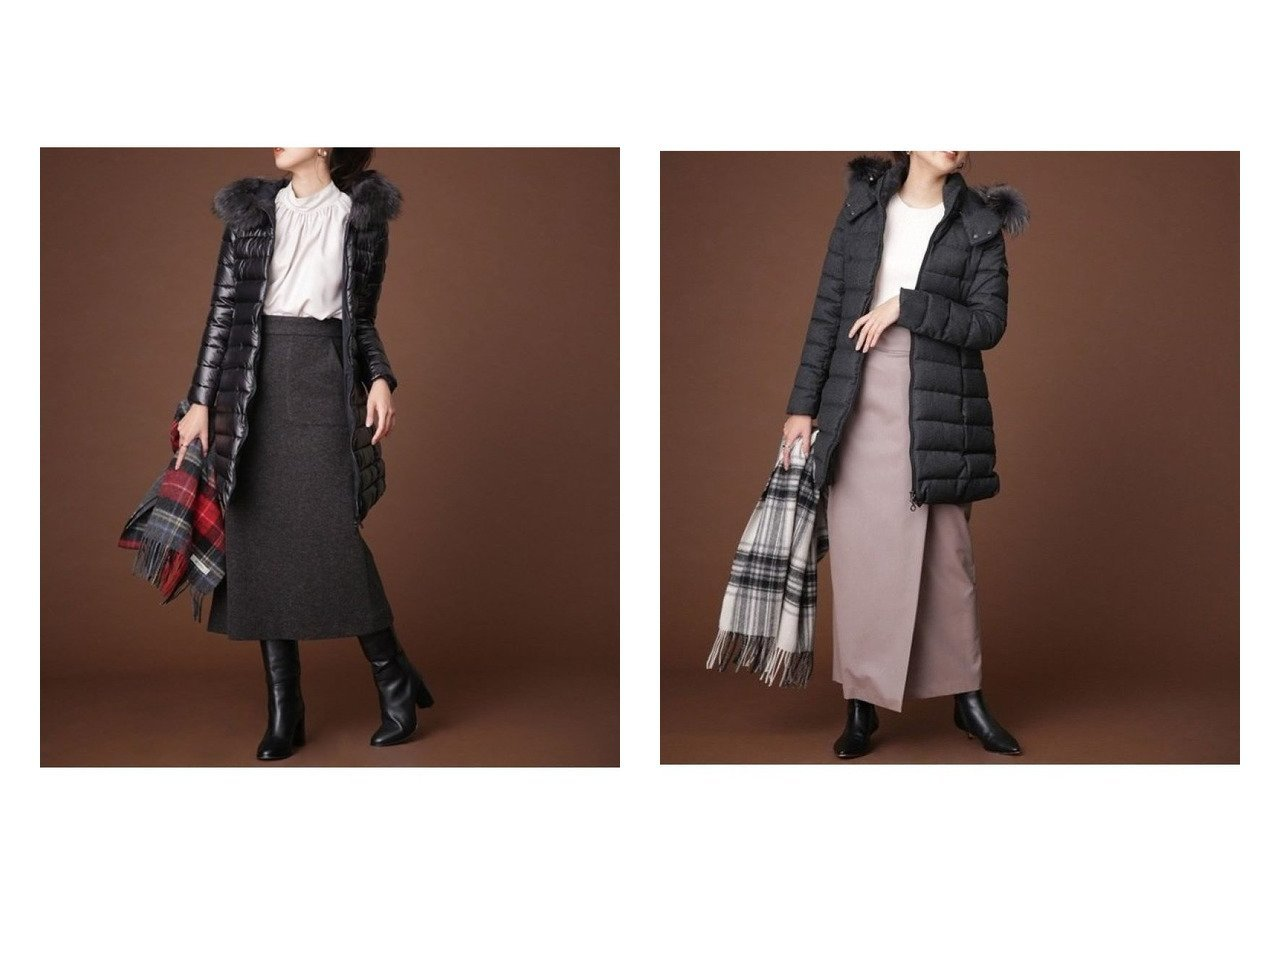 【TATRAS/タトラス】のISERA&LAVIANA アウターのおすすめ!人気、トレンド・レディースファッションの通販  おすすめで人気の流行・トレンド、ファッションの通販商品 メンズファッション・キッズファッション・インテリア・家具・レディースファッション・服の通販 founy(ファニー) https://founy.com/ ファッション Fashion レディースファッション WOMEN アウター Coat Outerwear コート Coats ジャケット Jackets イタリア エレガント シャイニー ジャケット ダウン ダブル ミラノ ラグジュアリー リバーシブル ロング ワイド A/W 秋冬 AW Autumn/Winter / FW Fall-Winter |ID:crp329100000010005